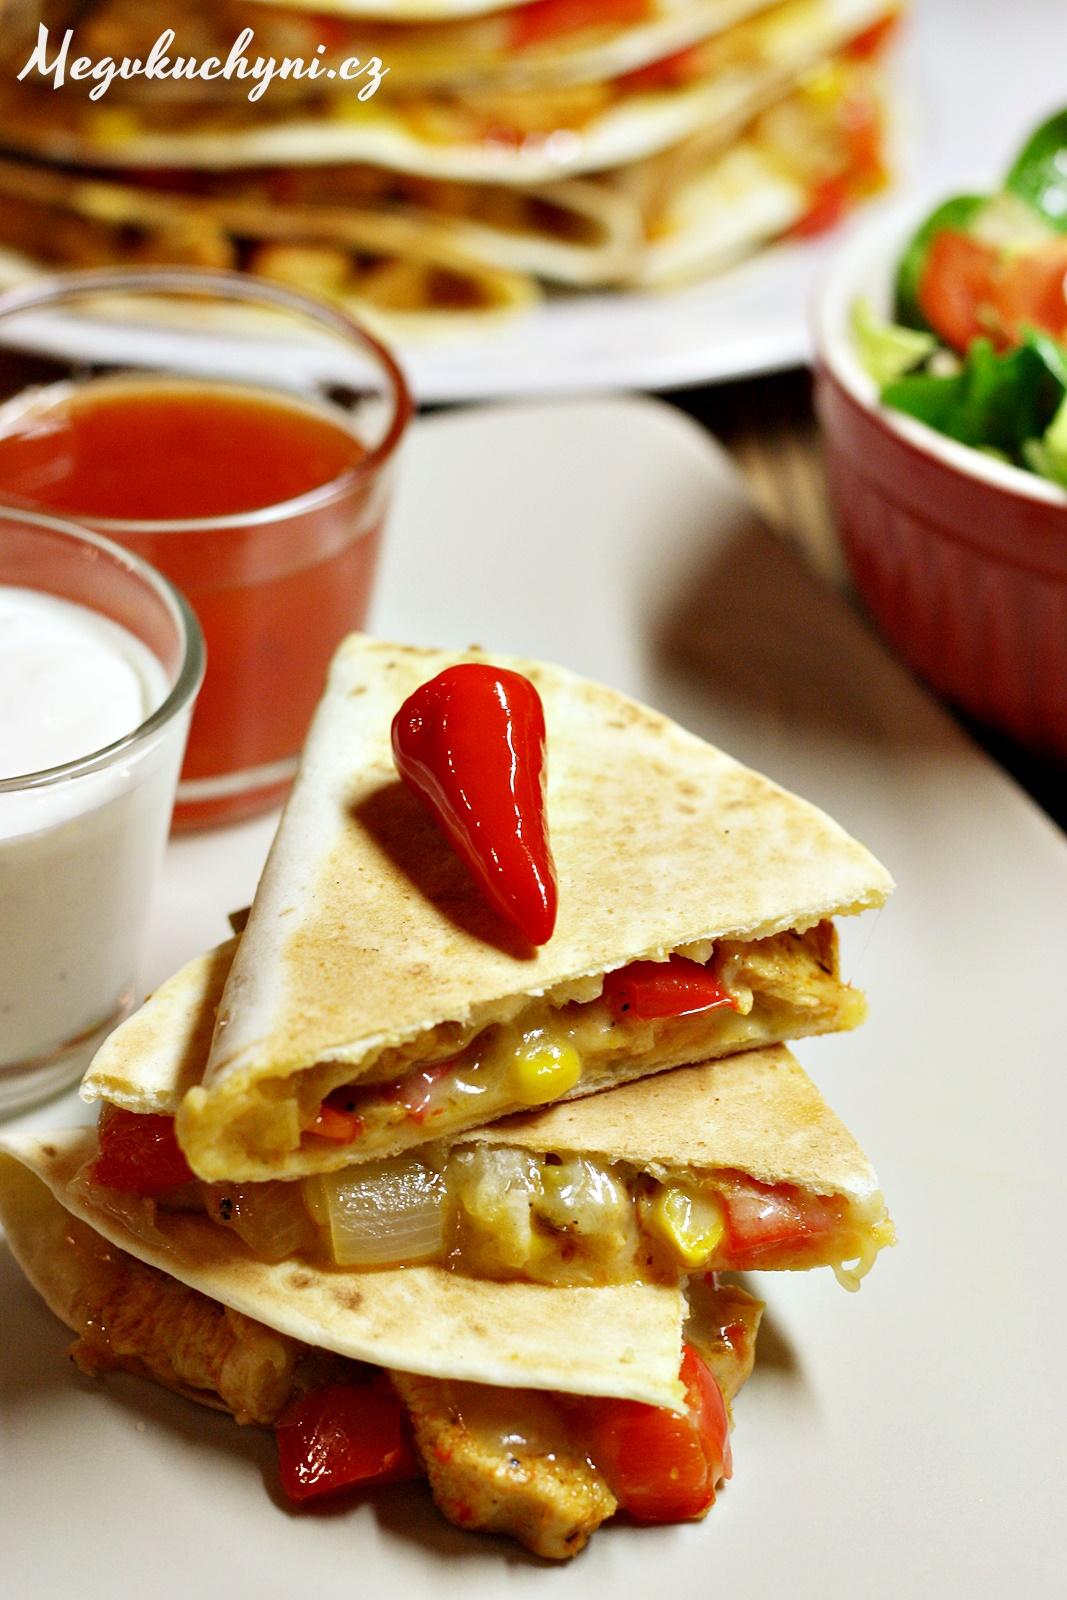 Quesadillas skuřecím masem, zeleninou ajalapeños